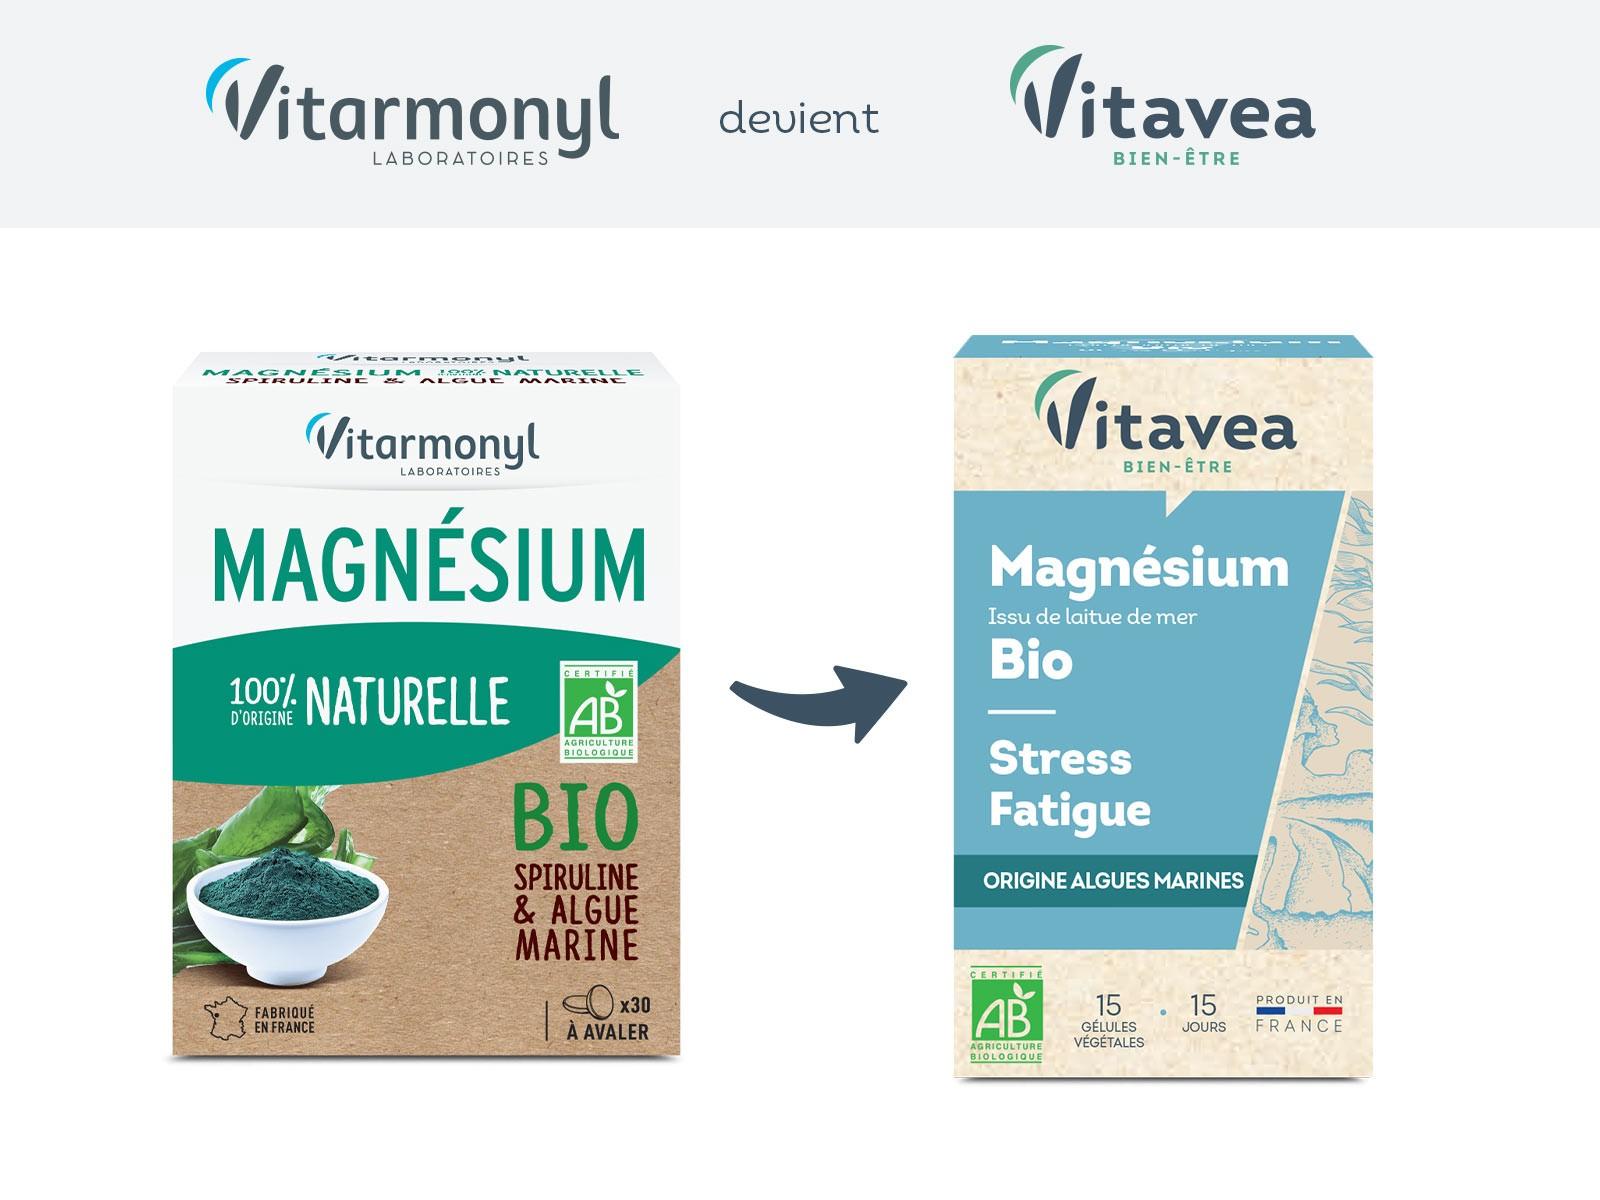 Image Magnésium 100% d'origine naturelle BIO